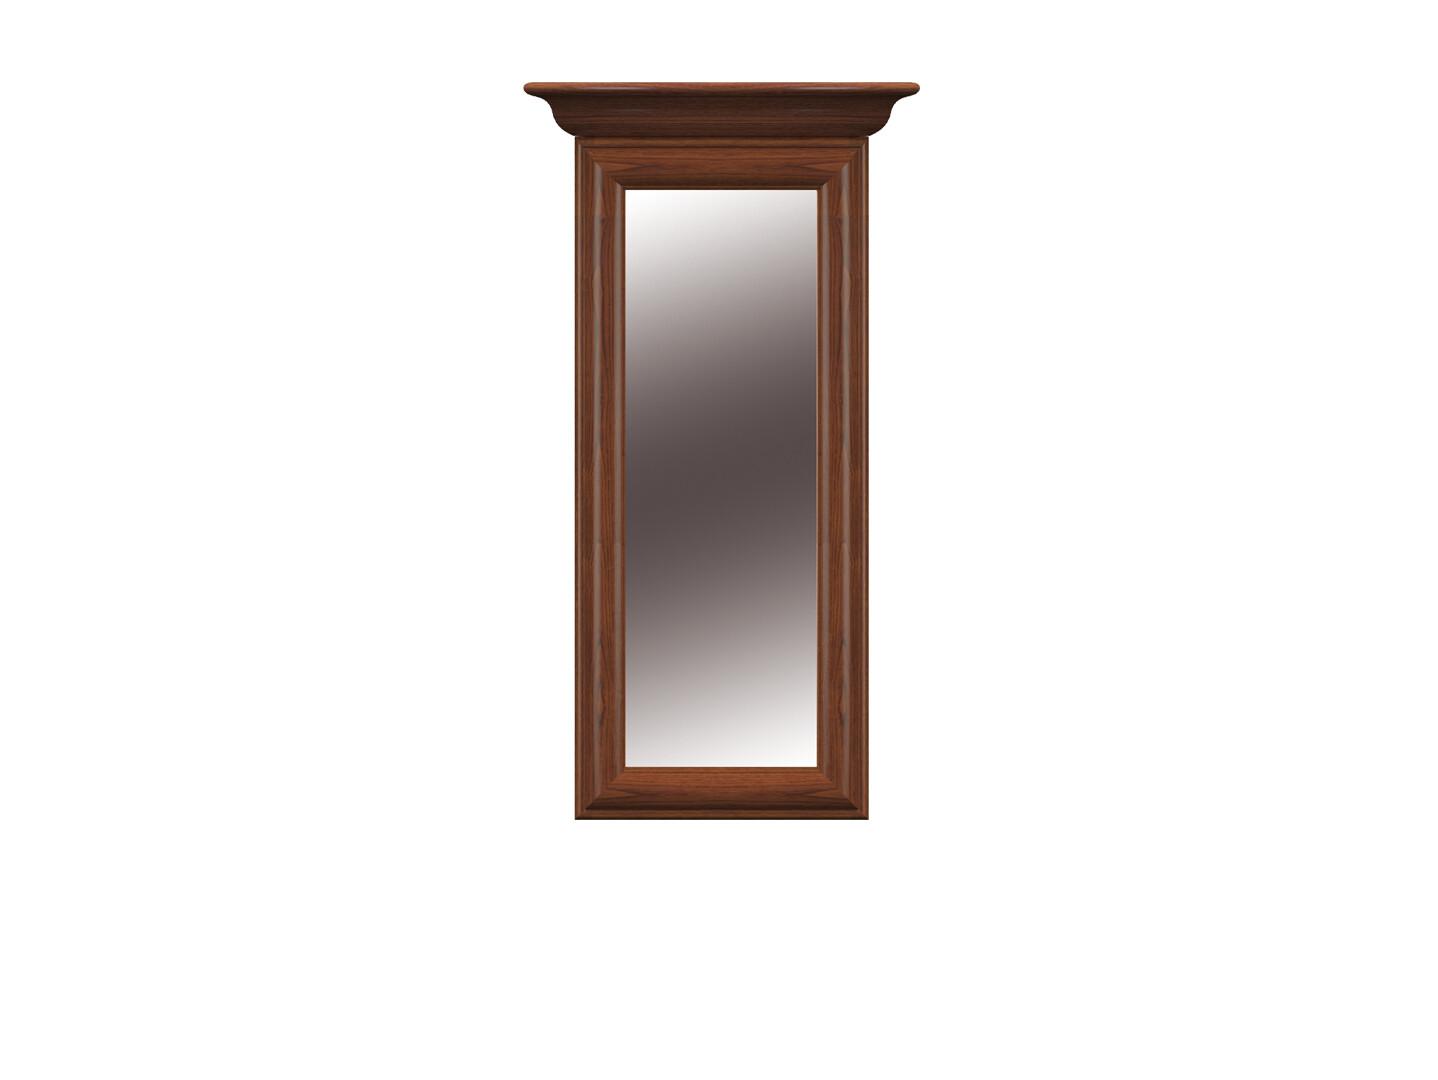 Zrkadlo KENTAKI LUS/50 gaštan